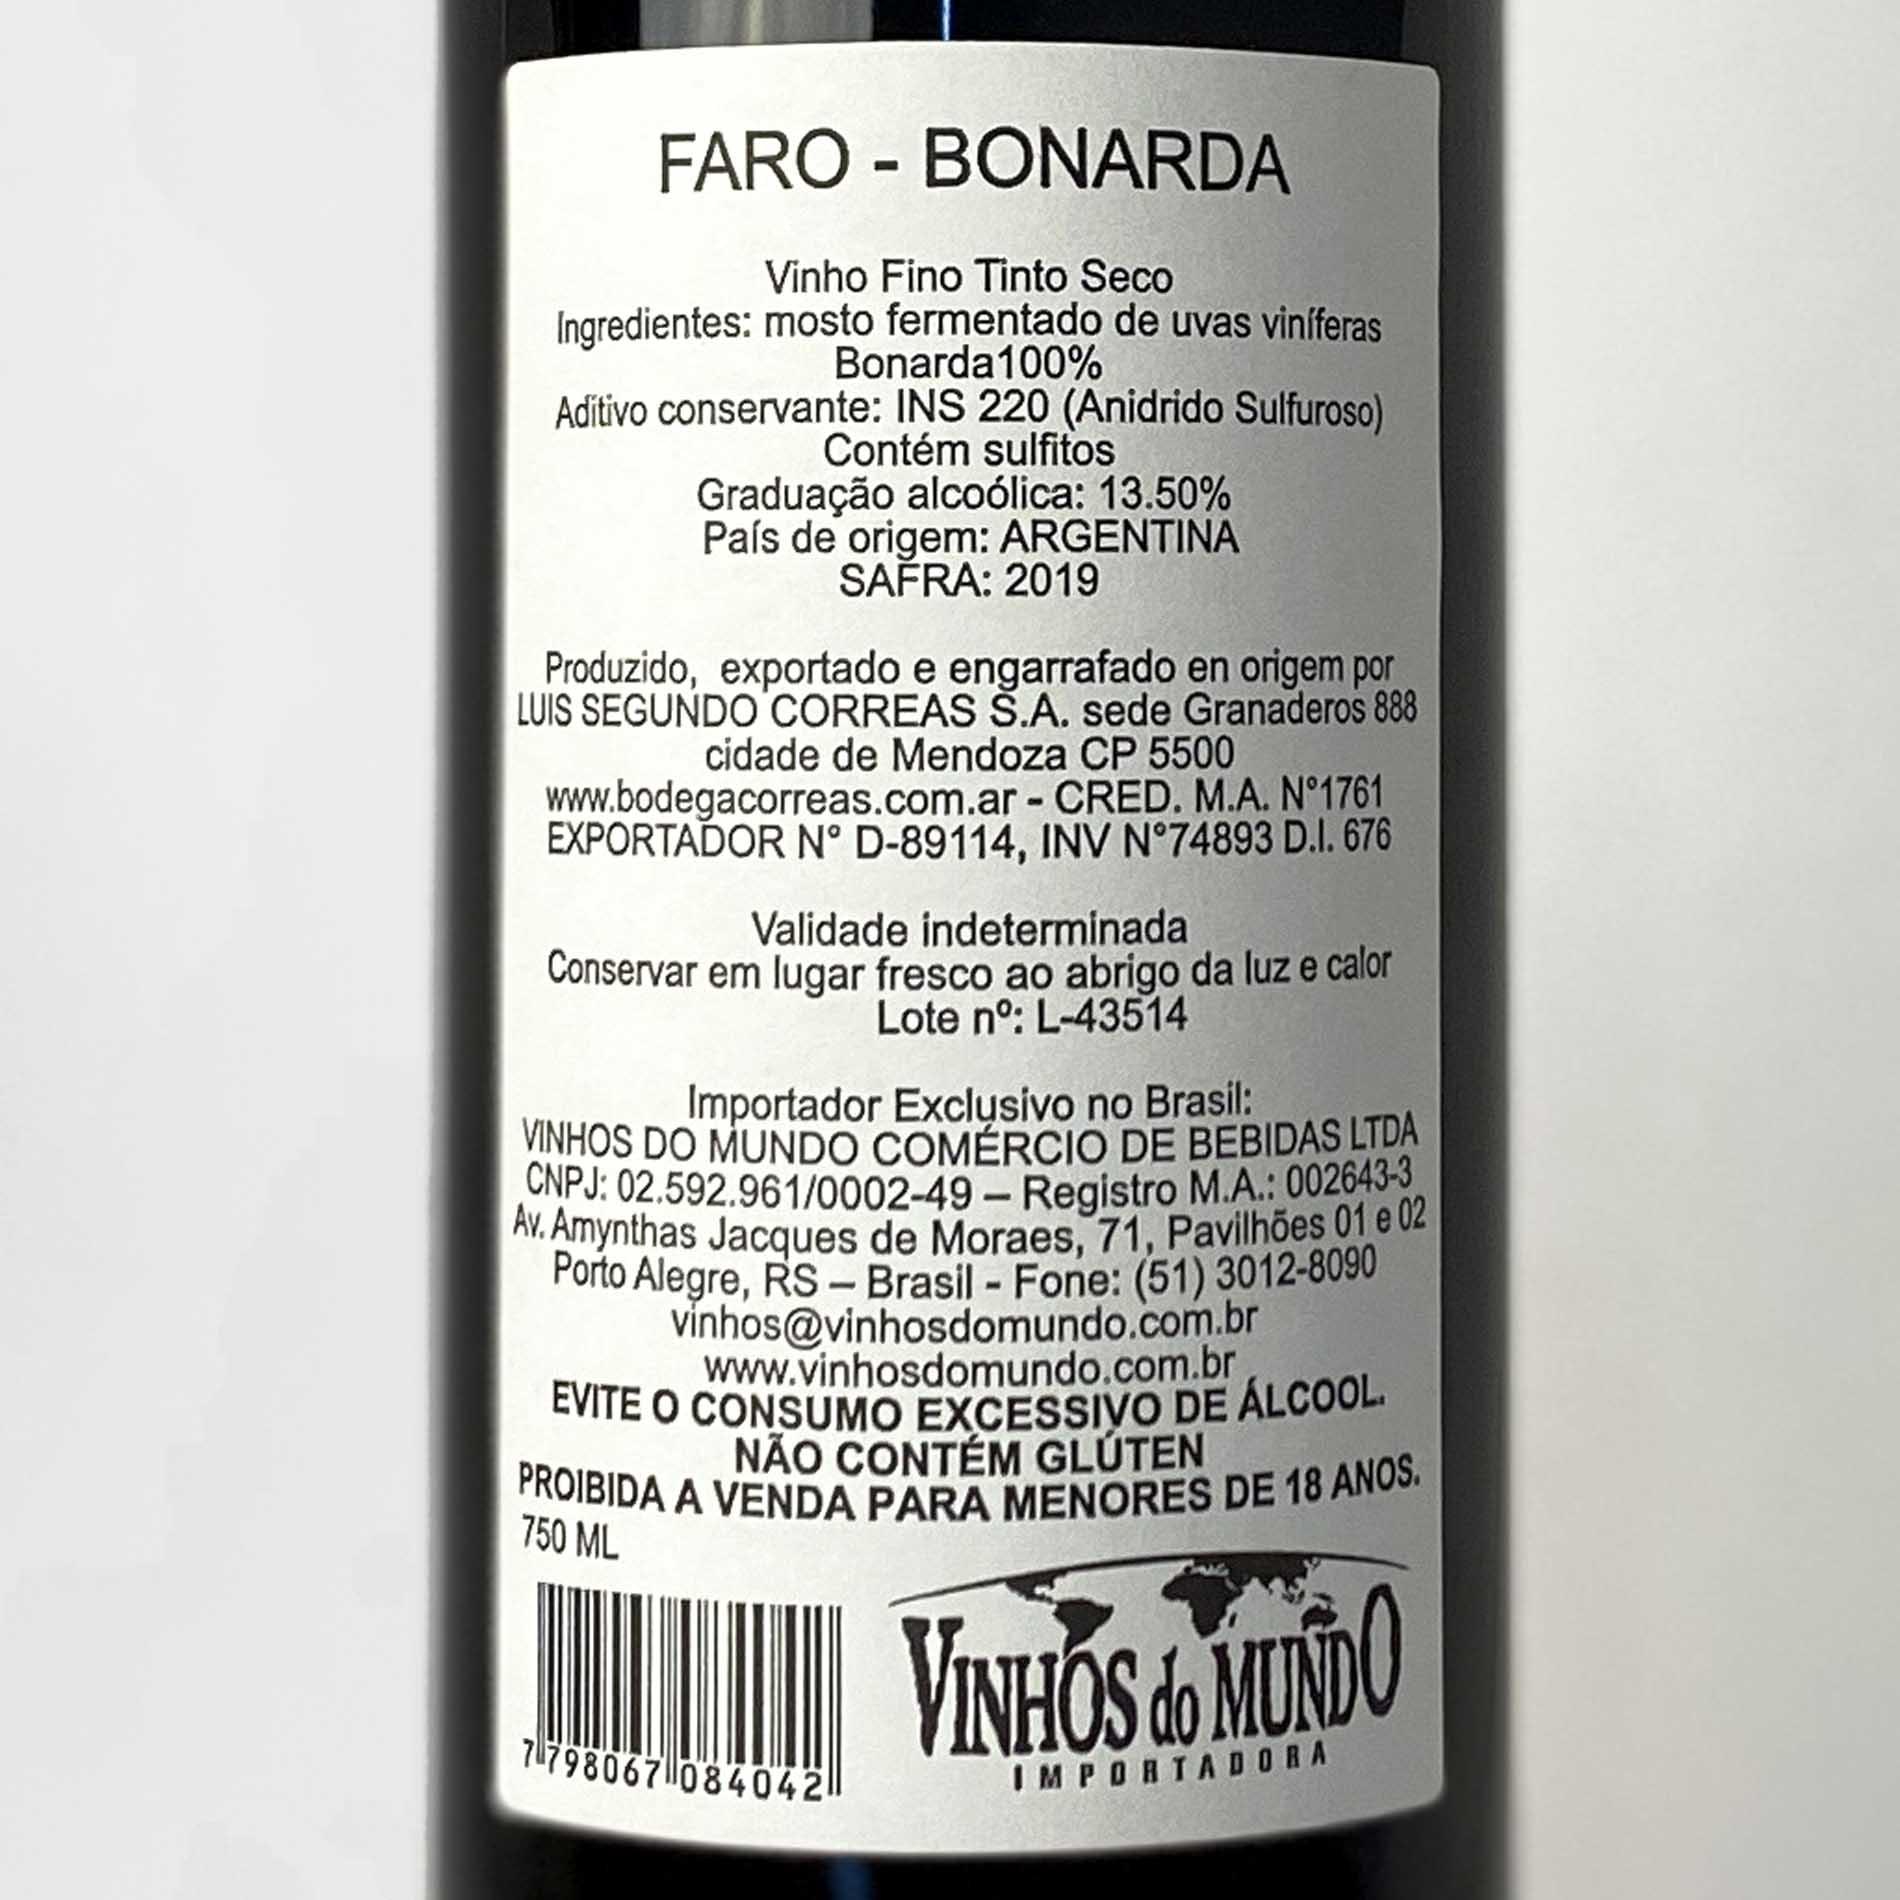 Faro Bonarda  - Vinerize